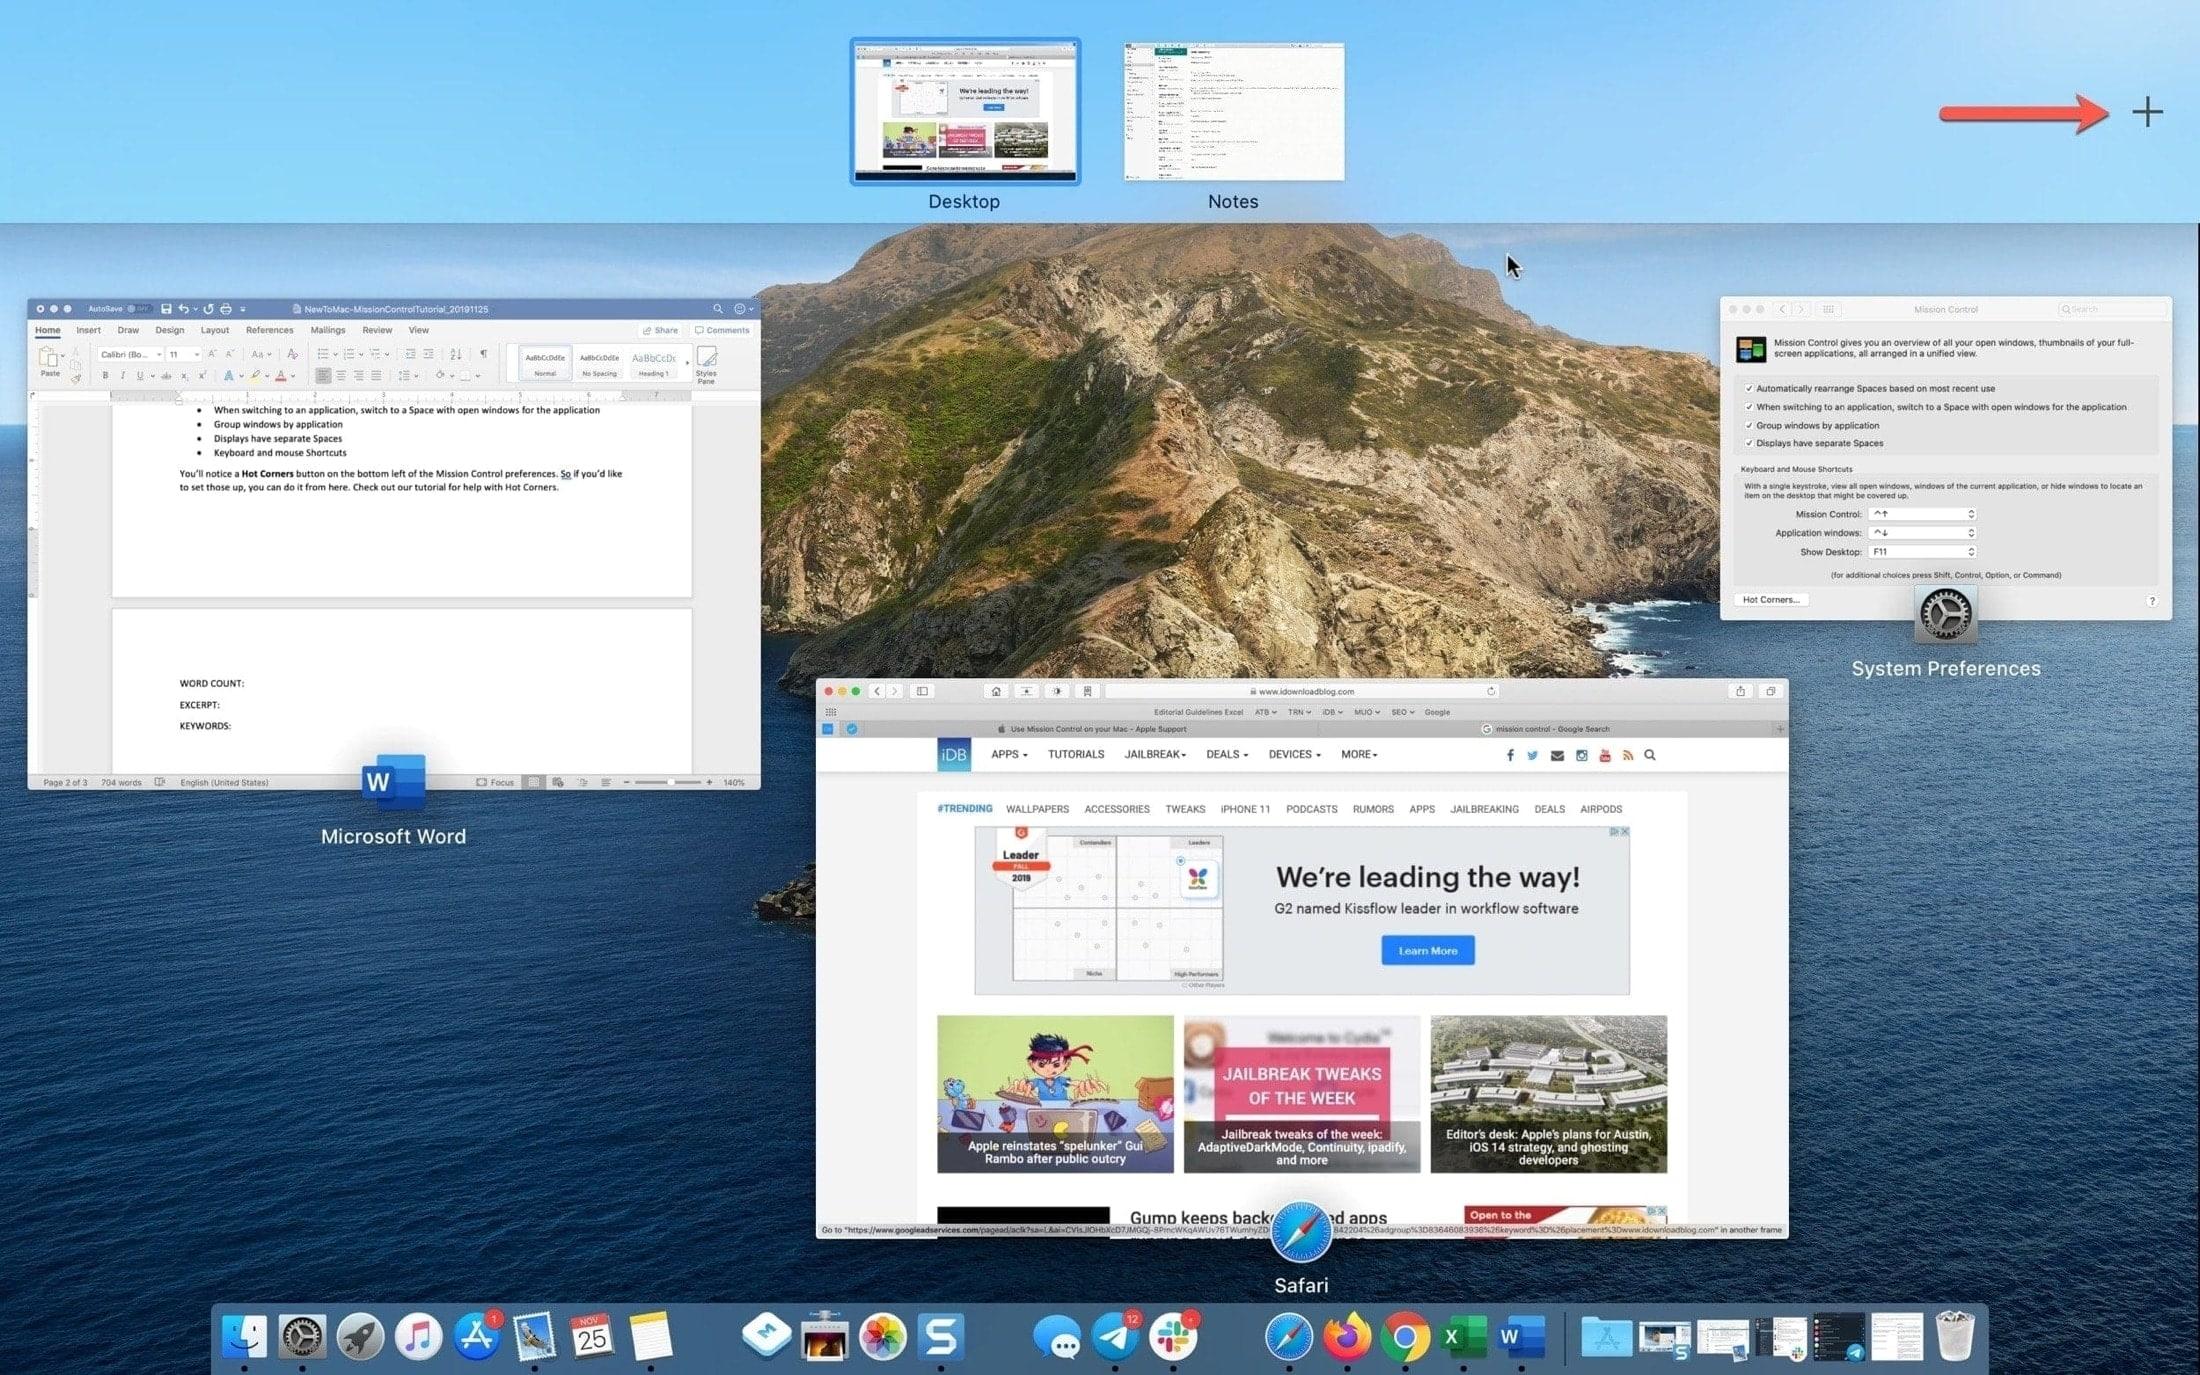 Add-Desktop-Mission-Control-10.27.15-AM